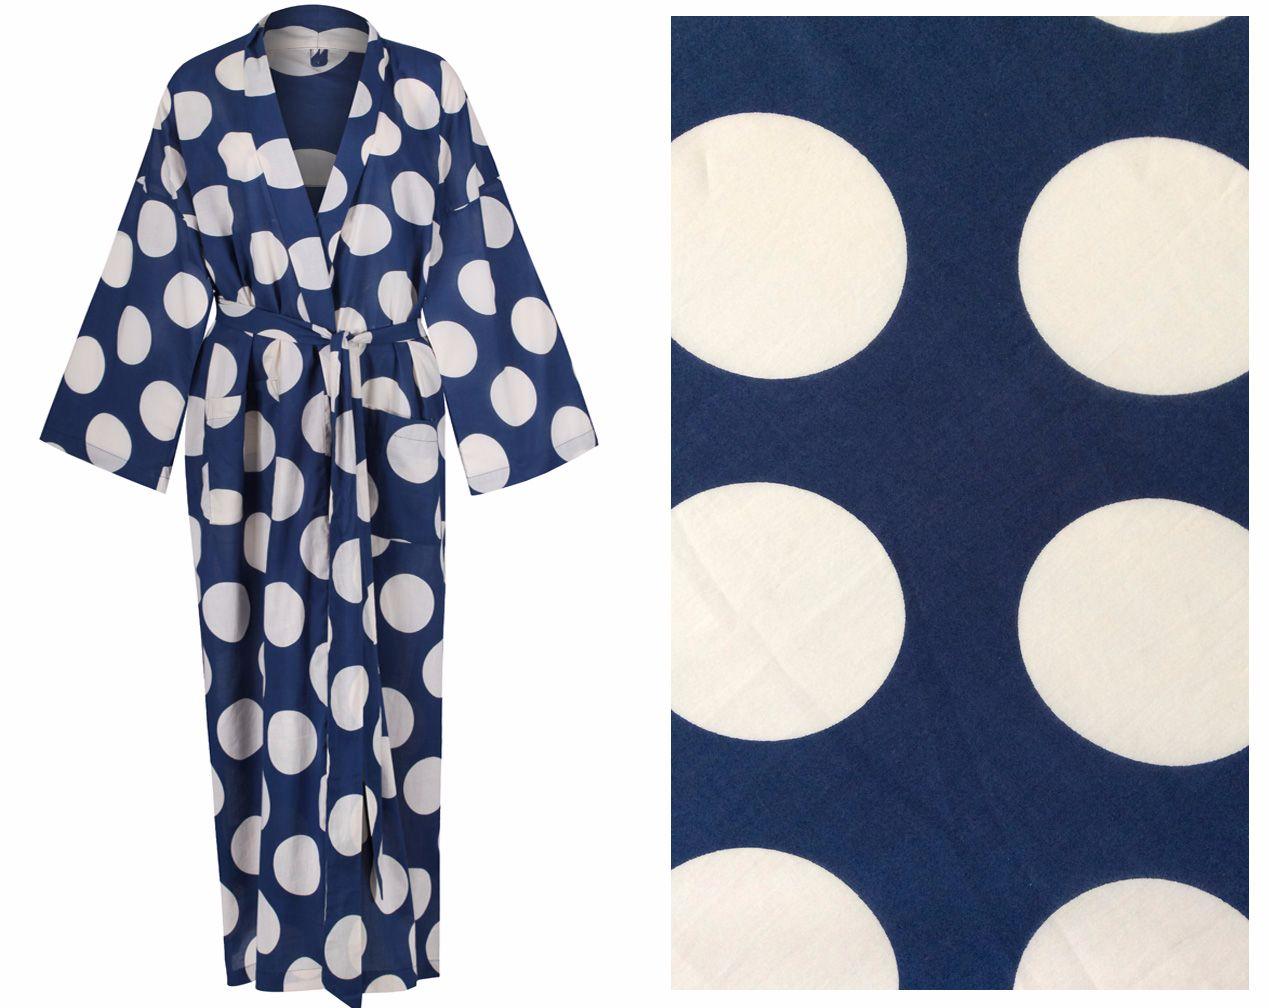 New! Women's Cotton Dressing Gown Kimono - White Spots on Dark Blue